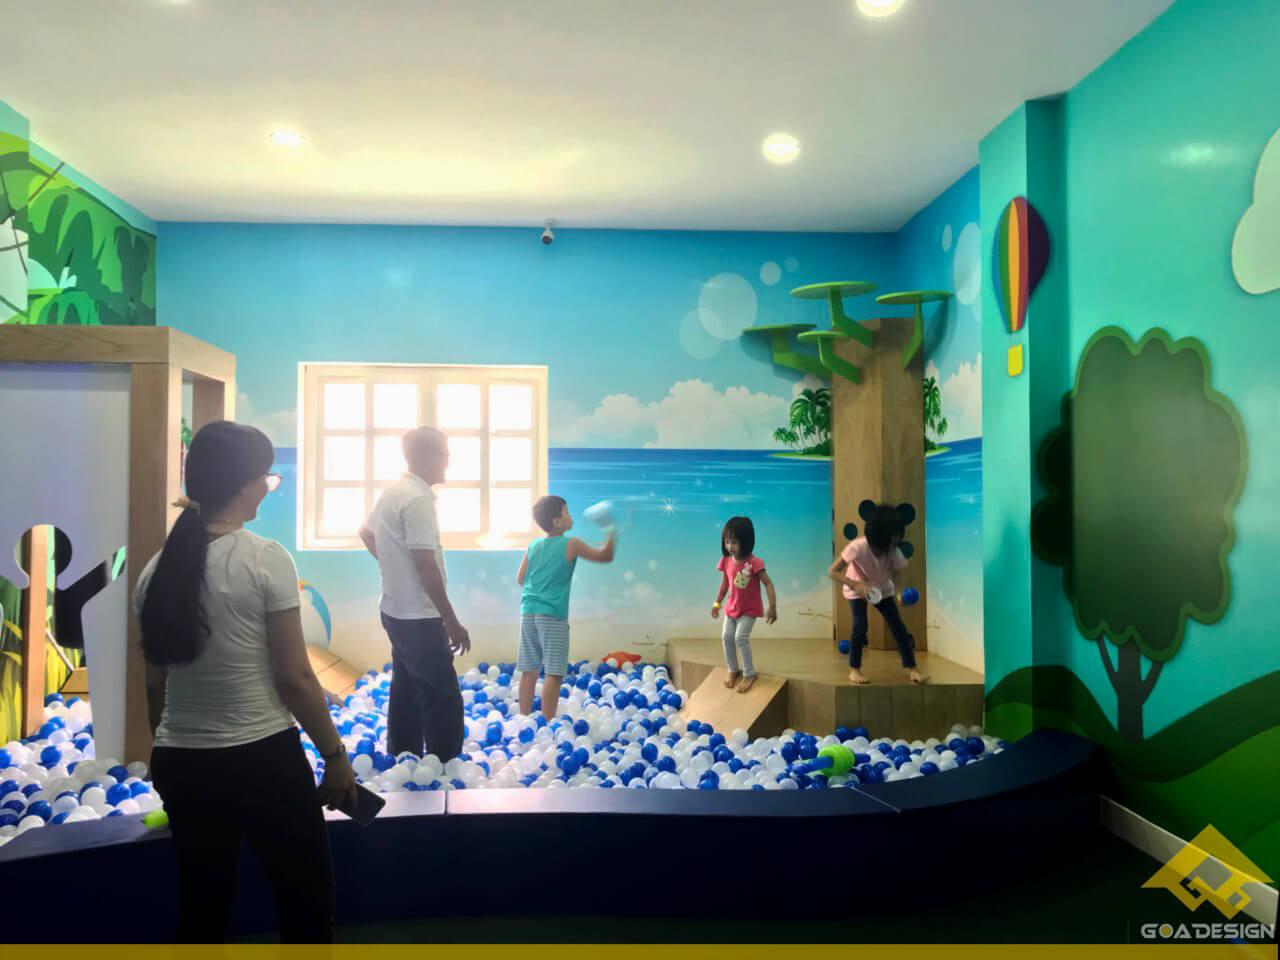 GOADESIGN Thiết kế khu vui chơi Phú Nhuận (41)